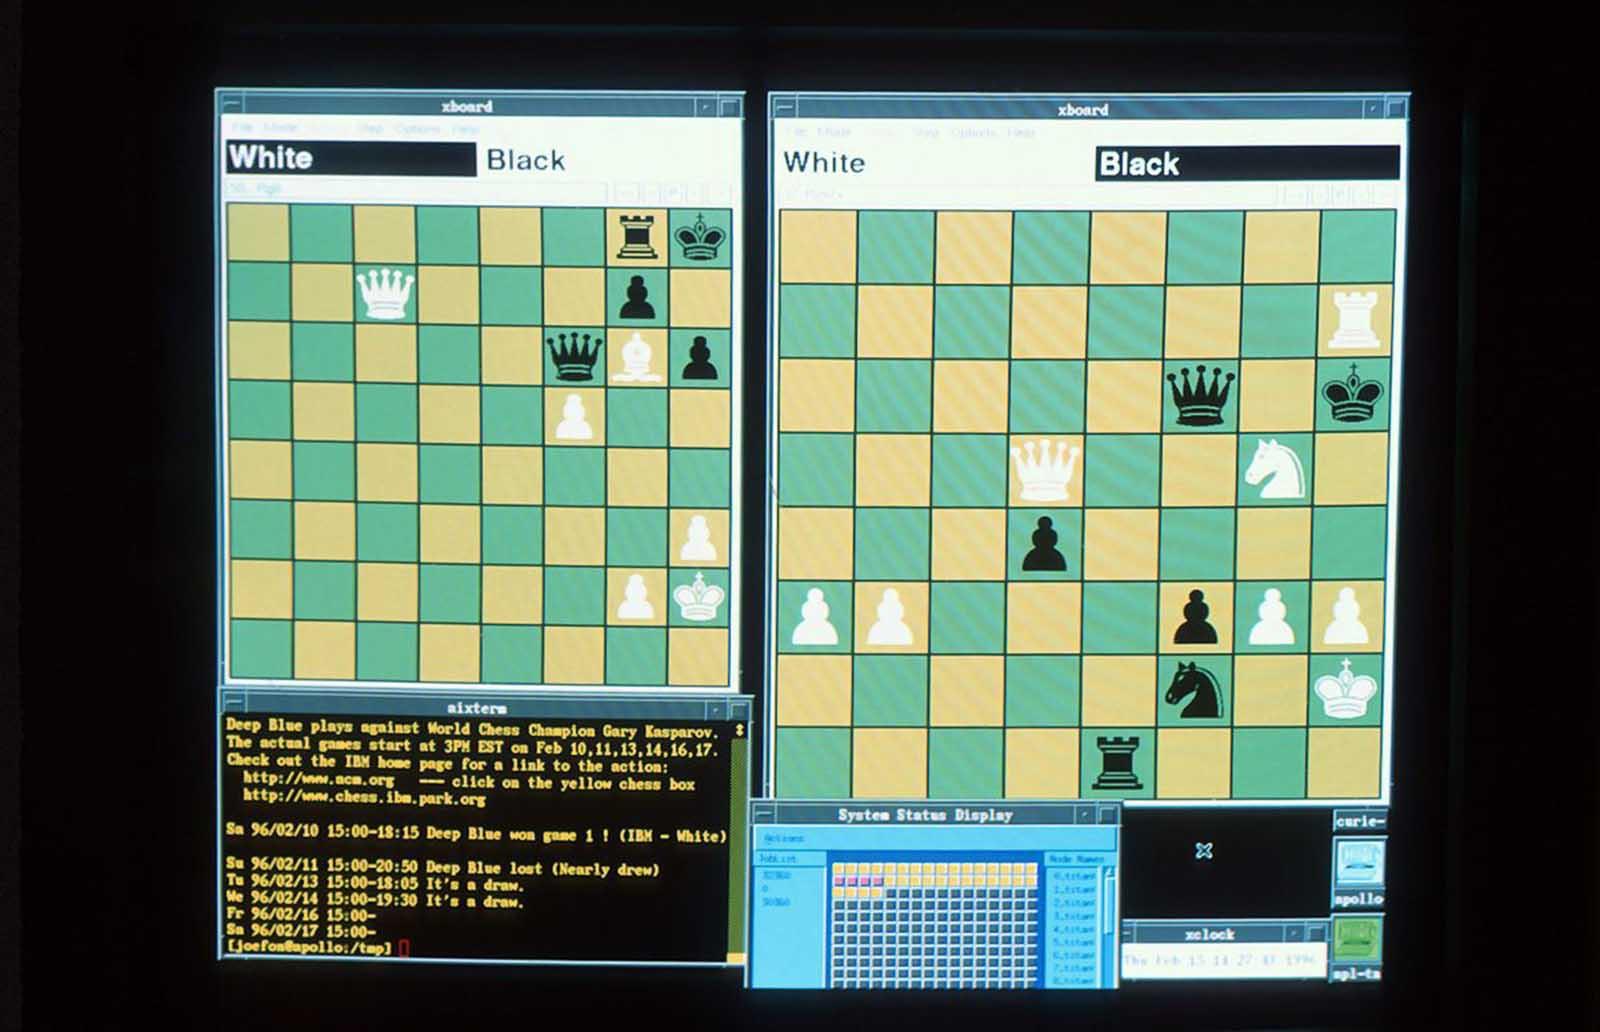 Una vista de la pantalla de Deep Blue.